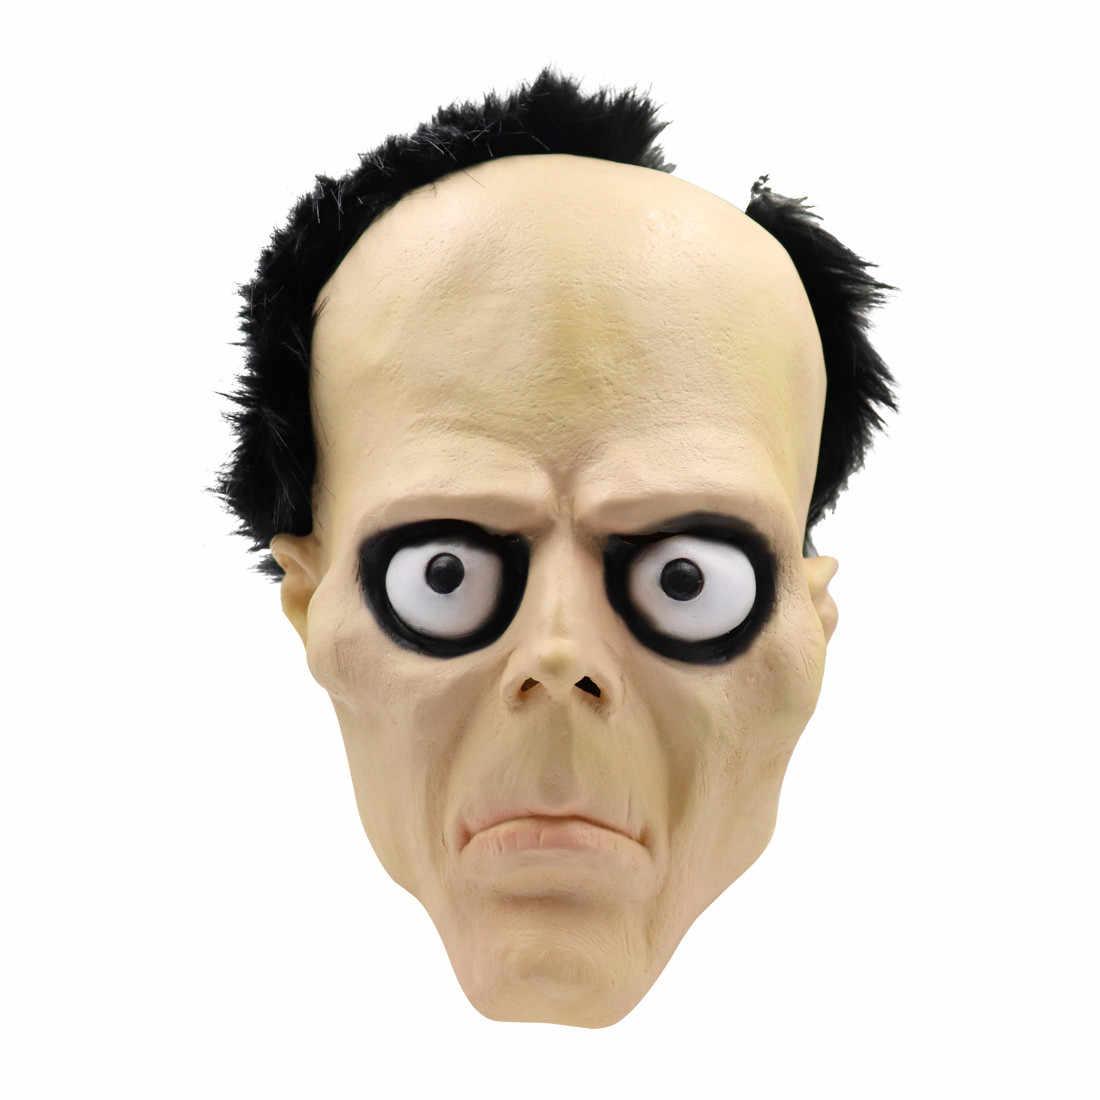 Helloween قناع يتوهم مخيف قناع رأس اللاتكس رجل الرعب أقنعة حزب تأثيري جديد مهرجان قناع